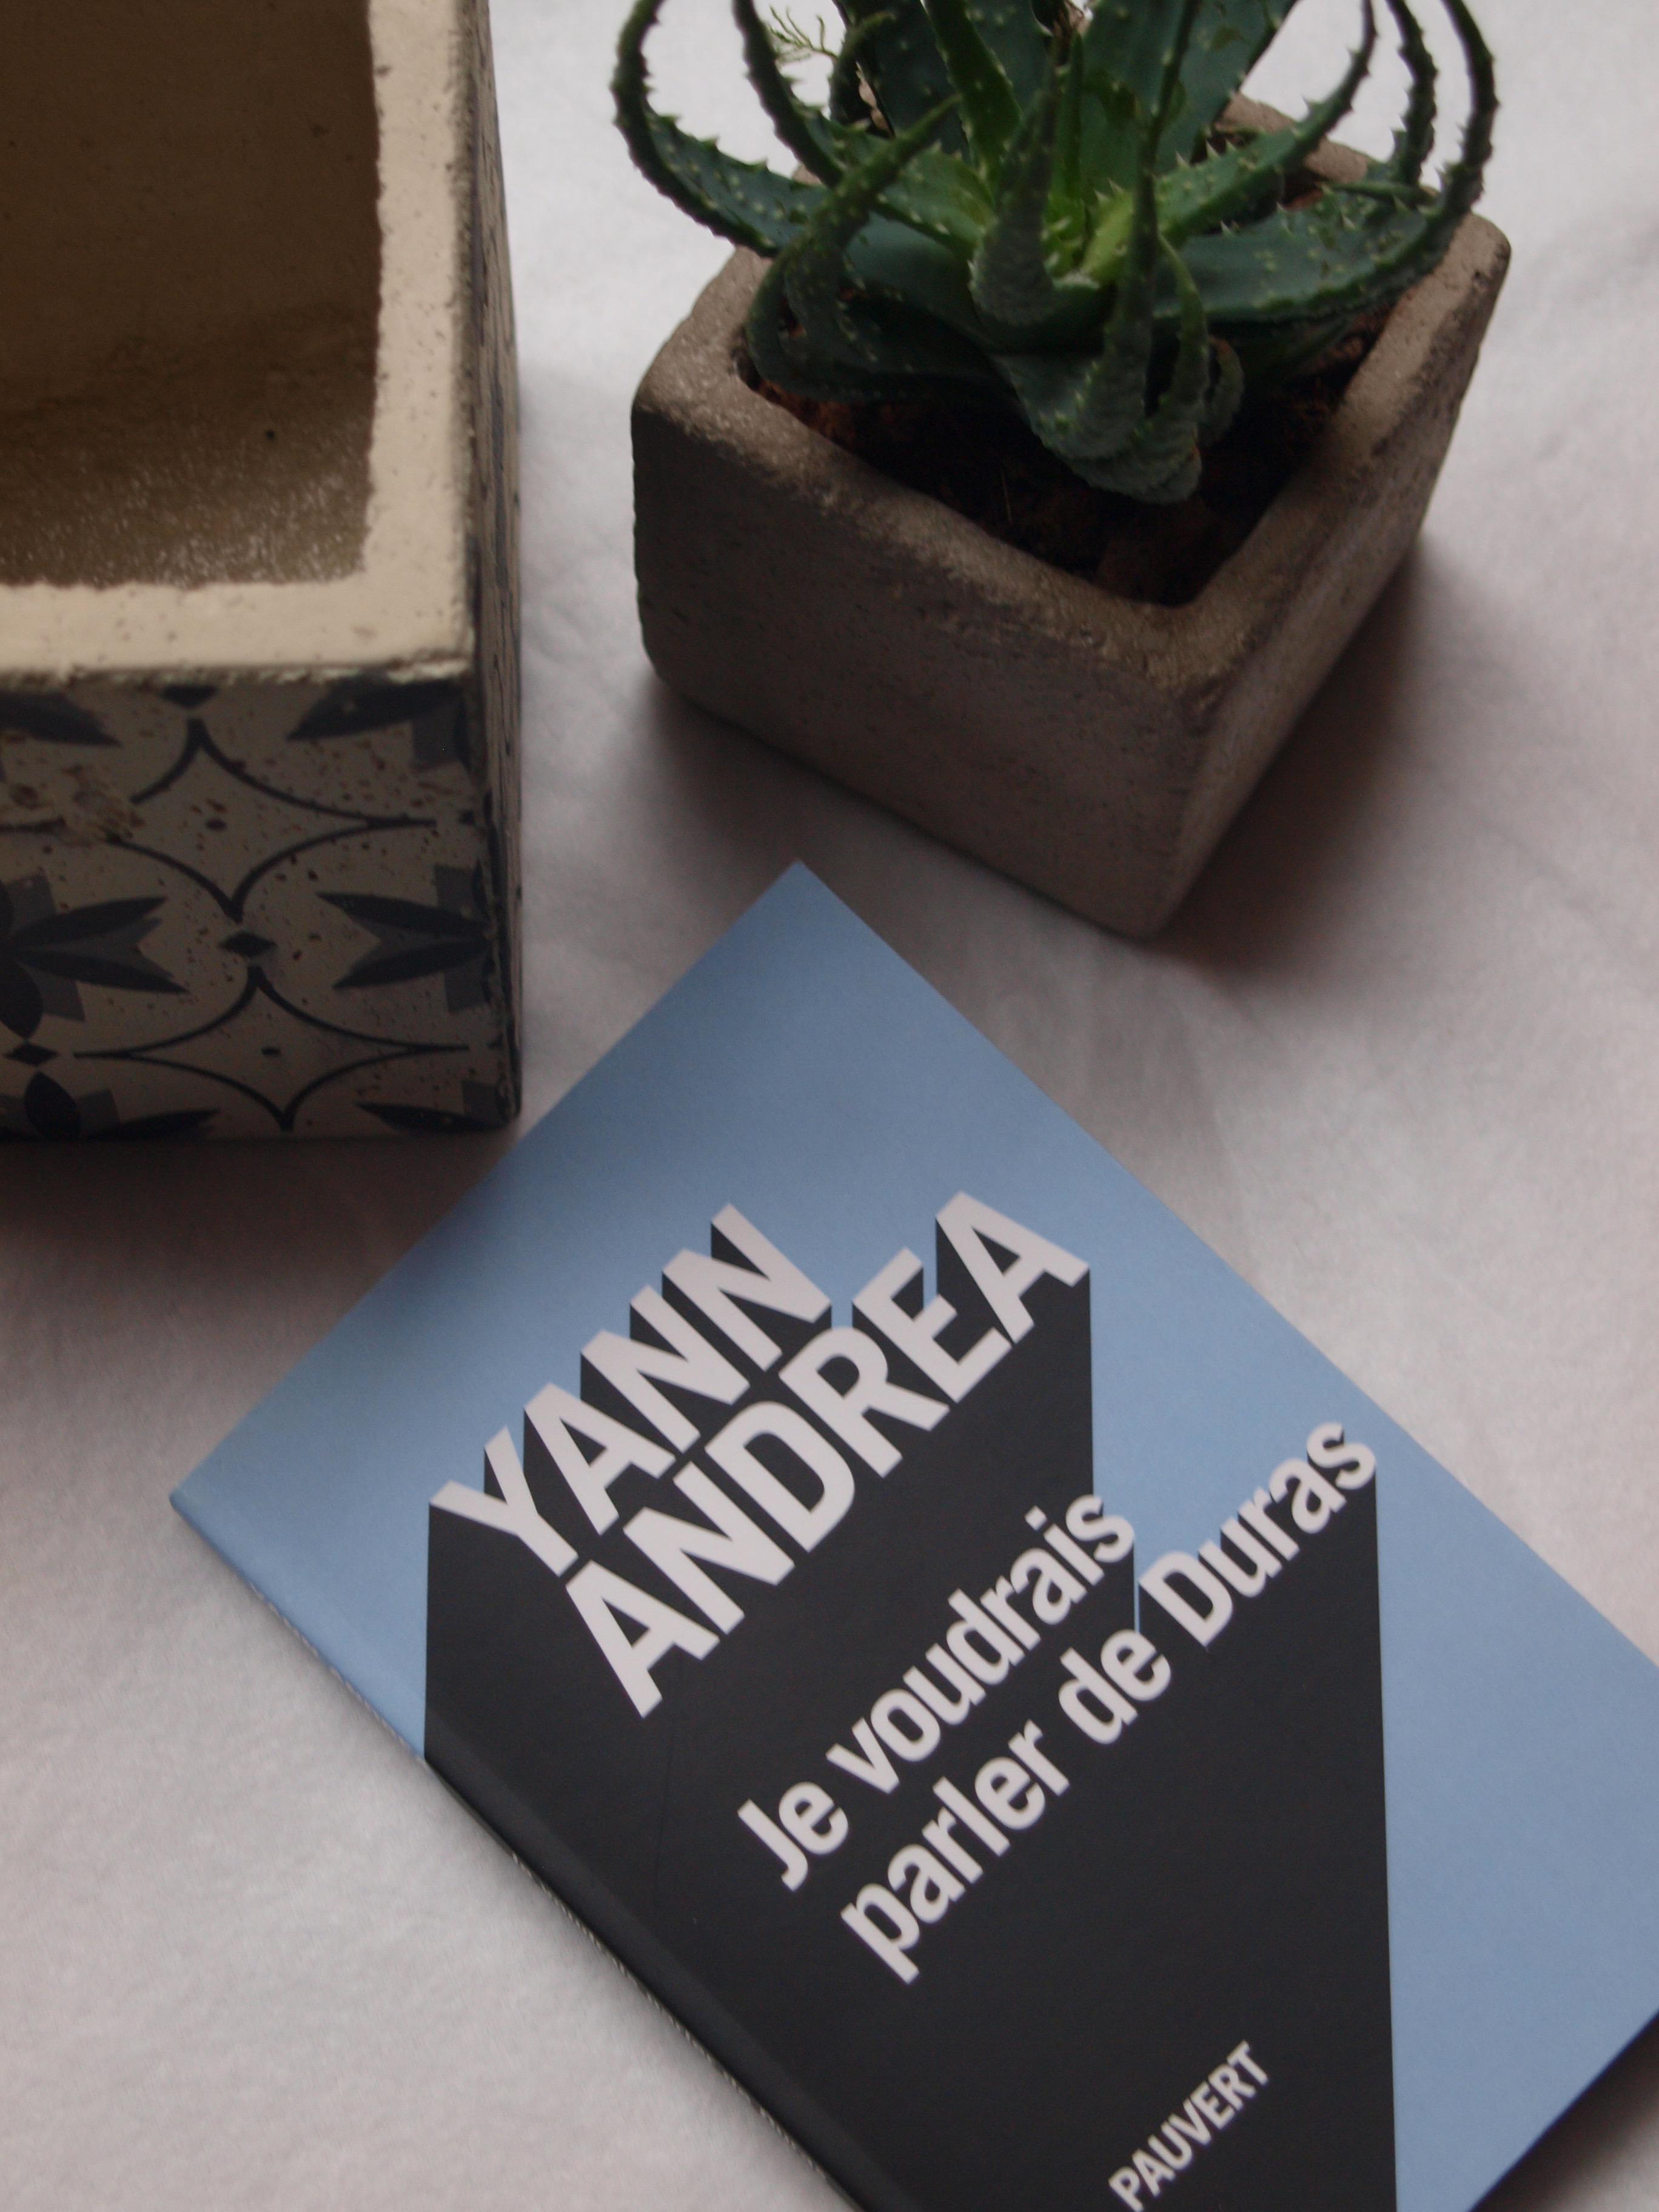 Yann Andrea